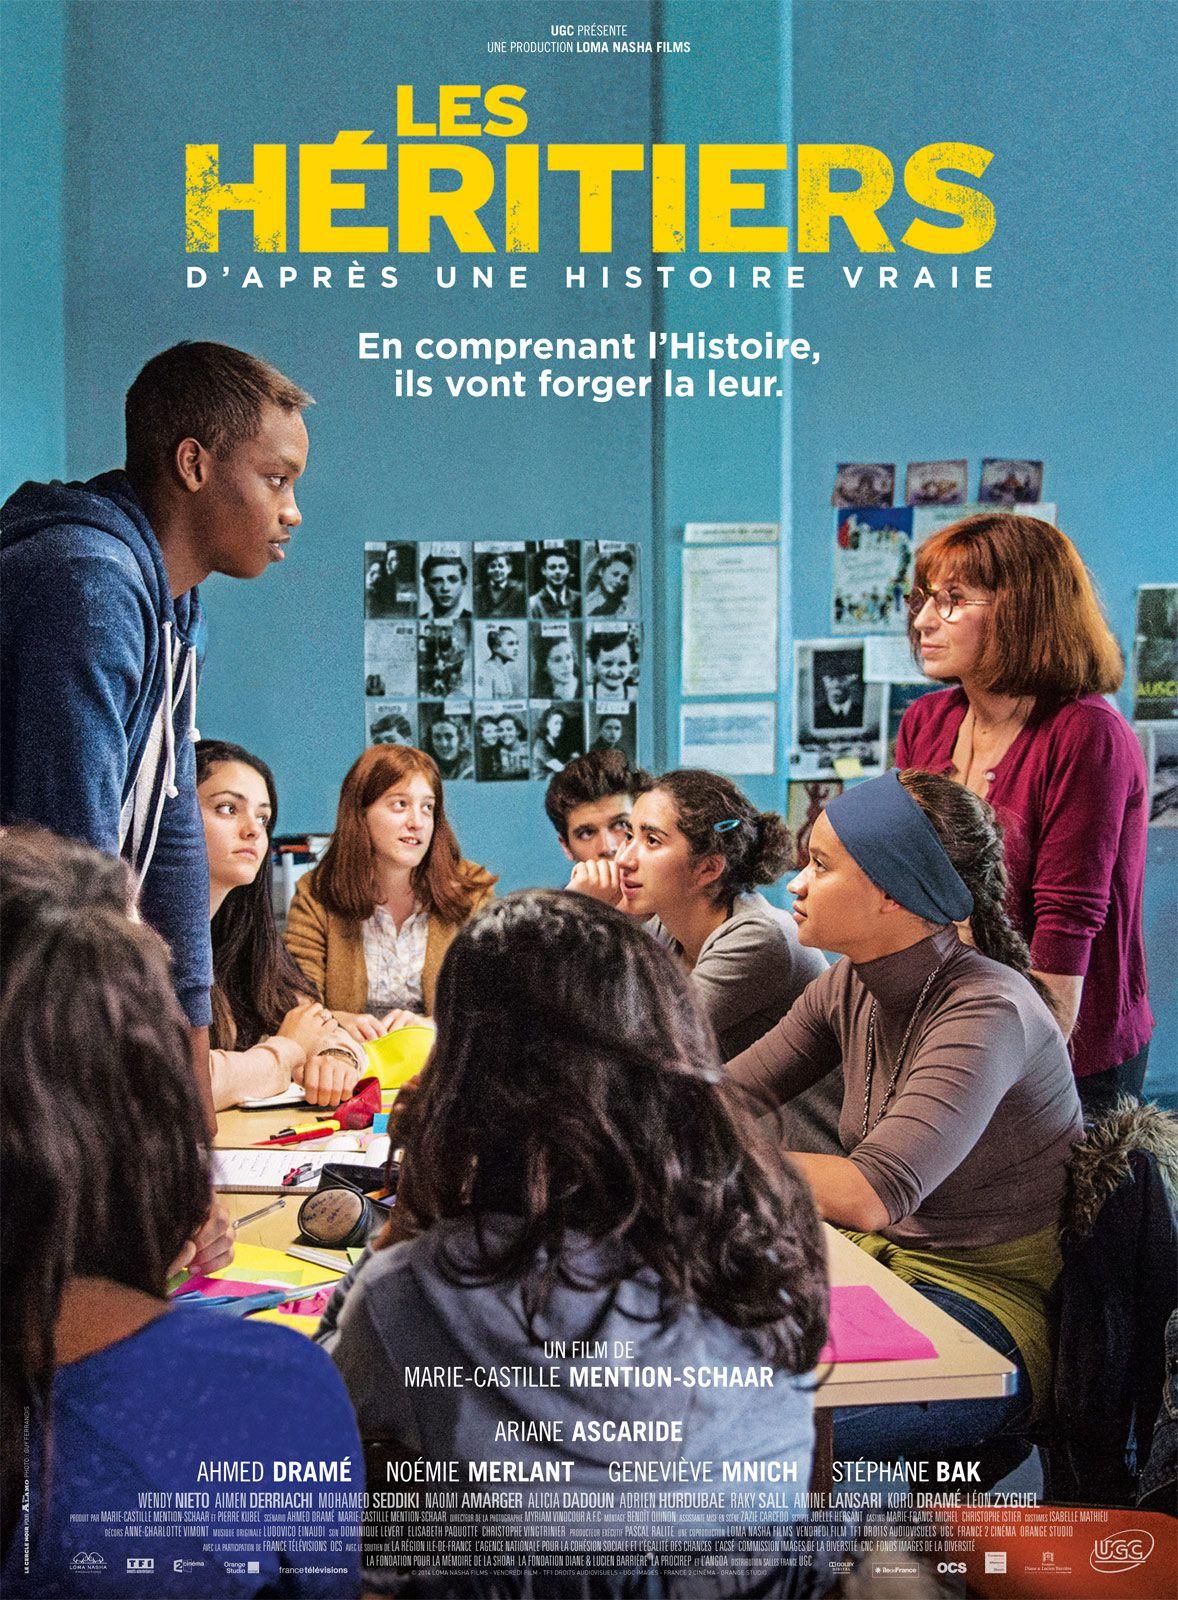 Les Héritiers - Film (2014)